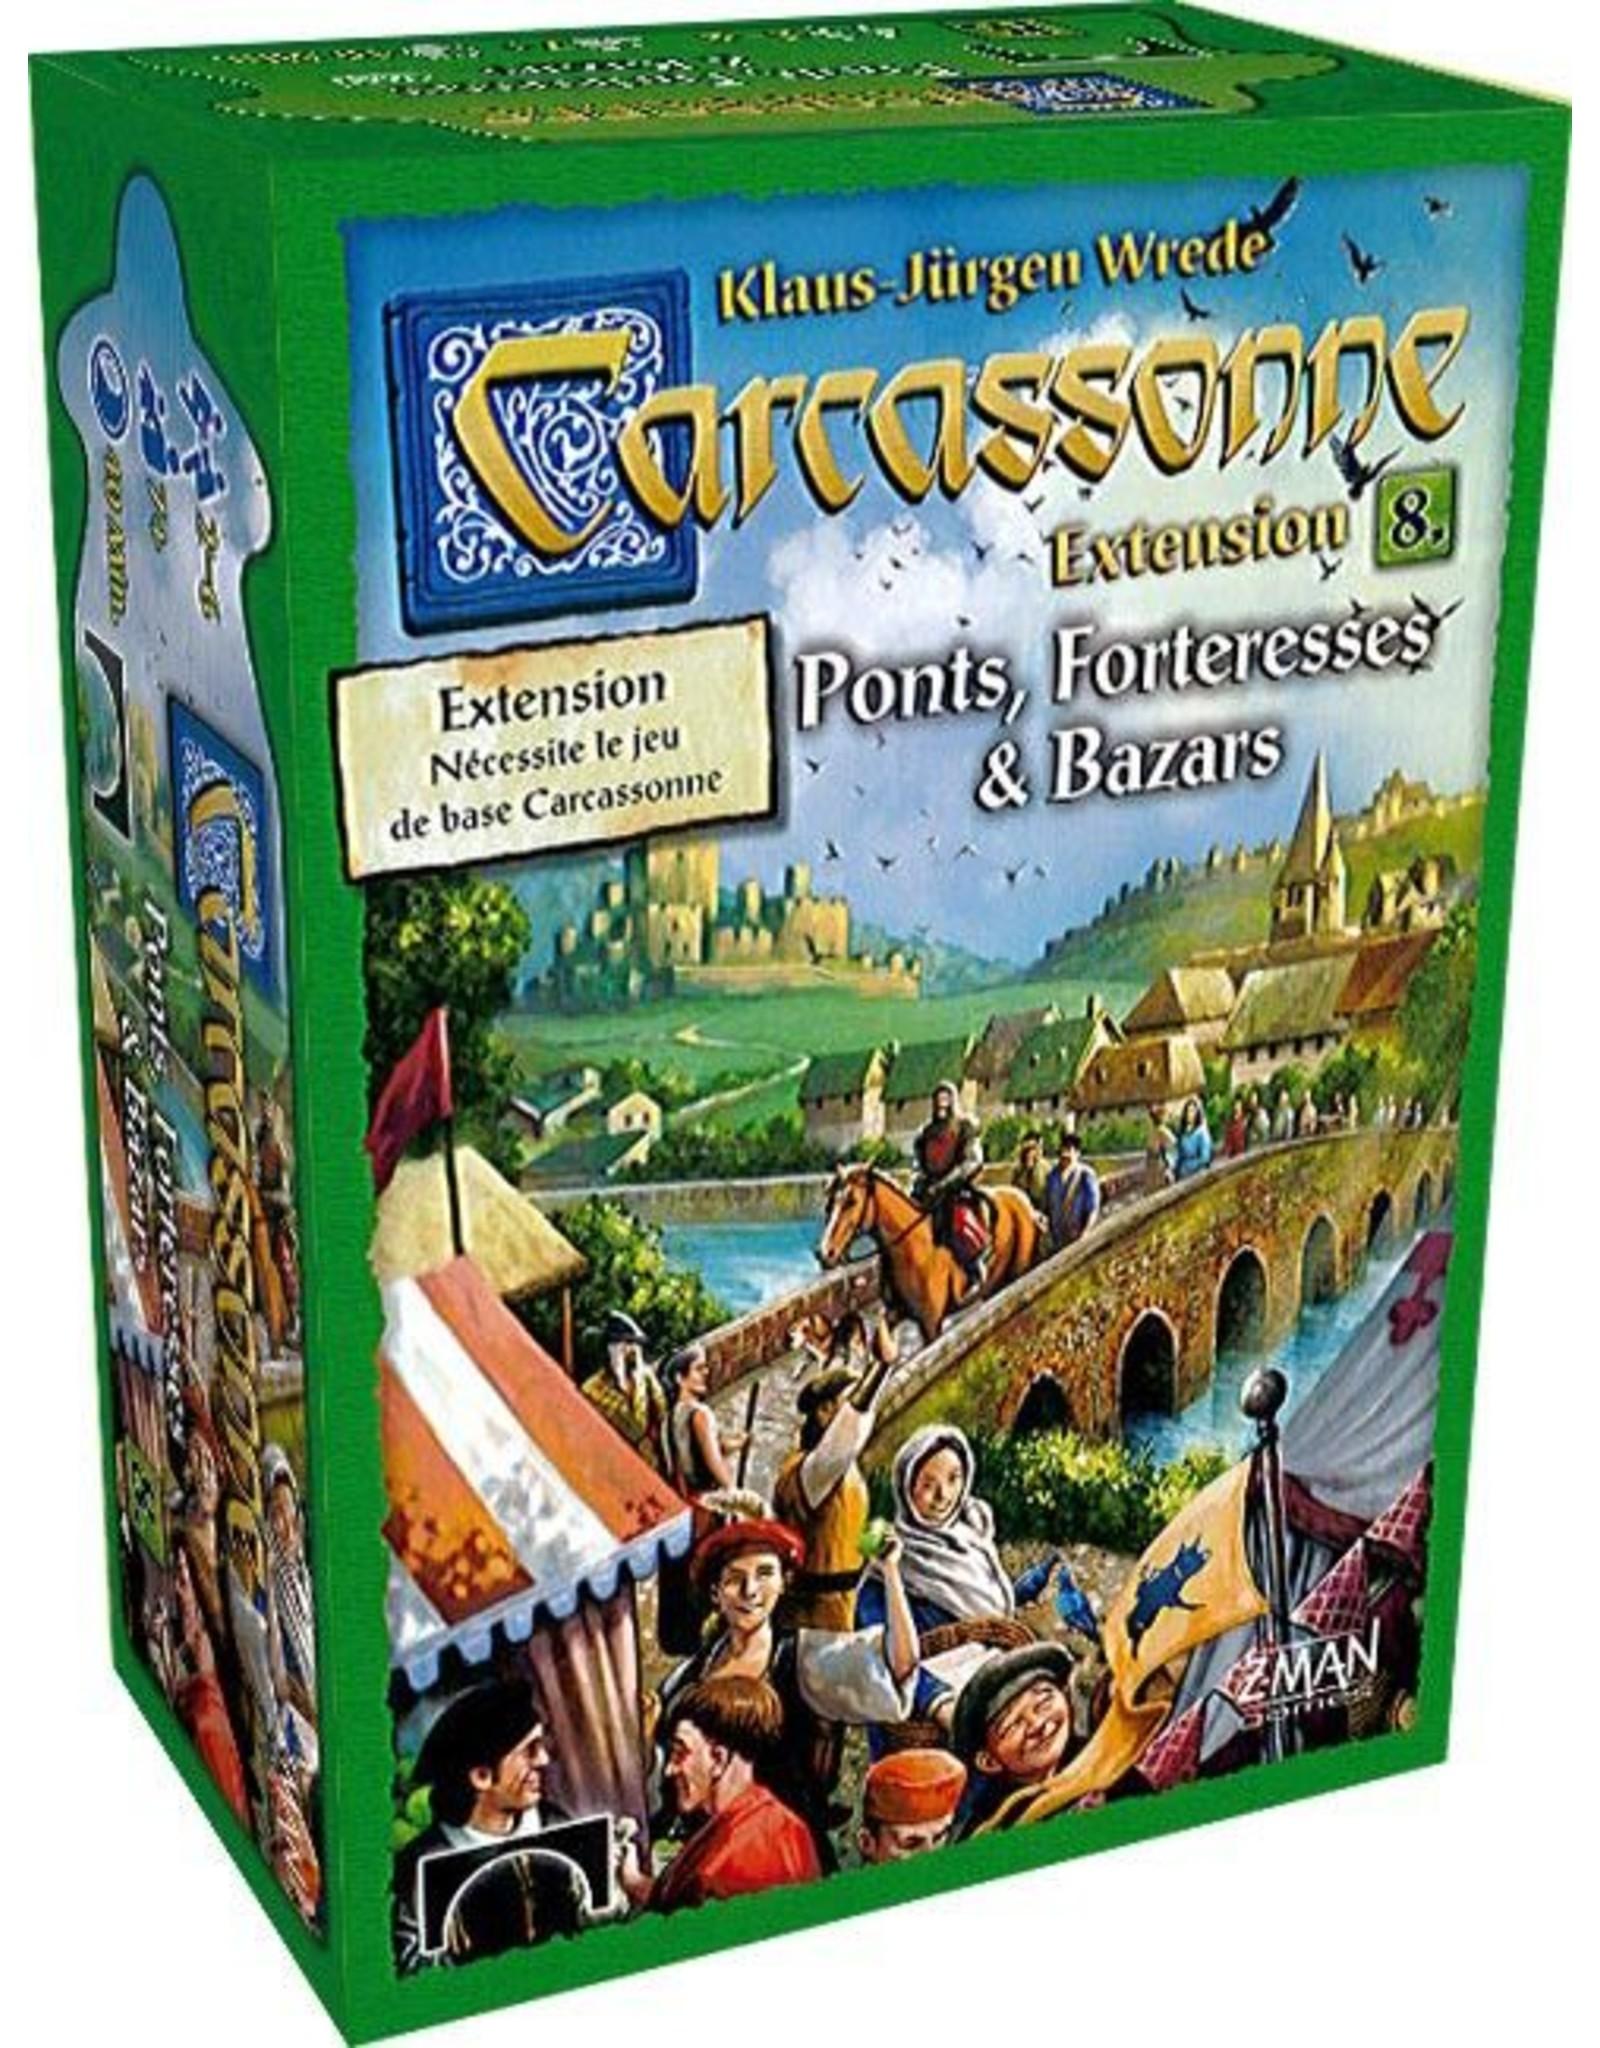 Carcassonne Ext. 8 Ponts, Forteresses et Bazars